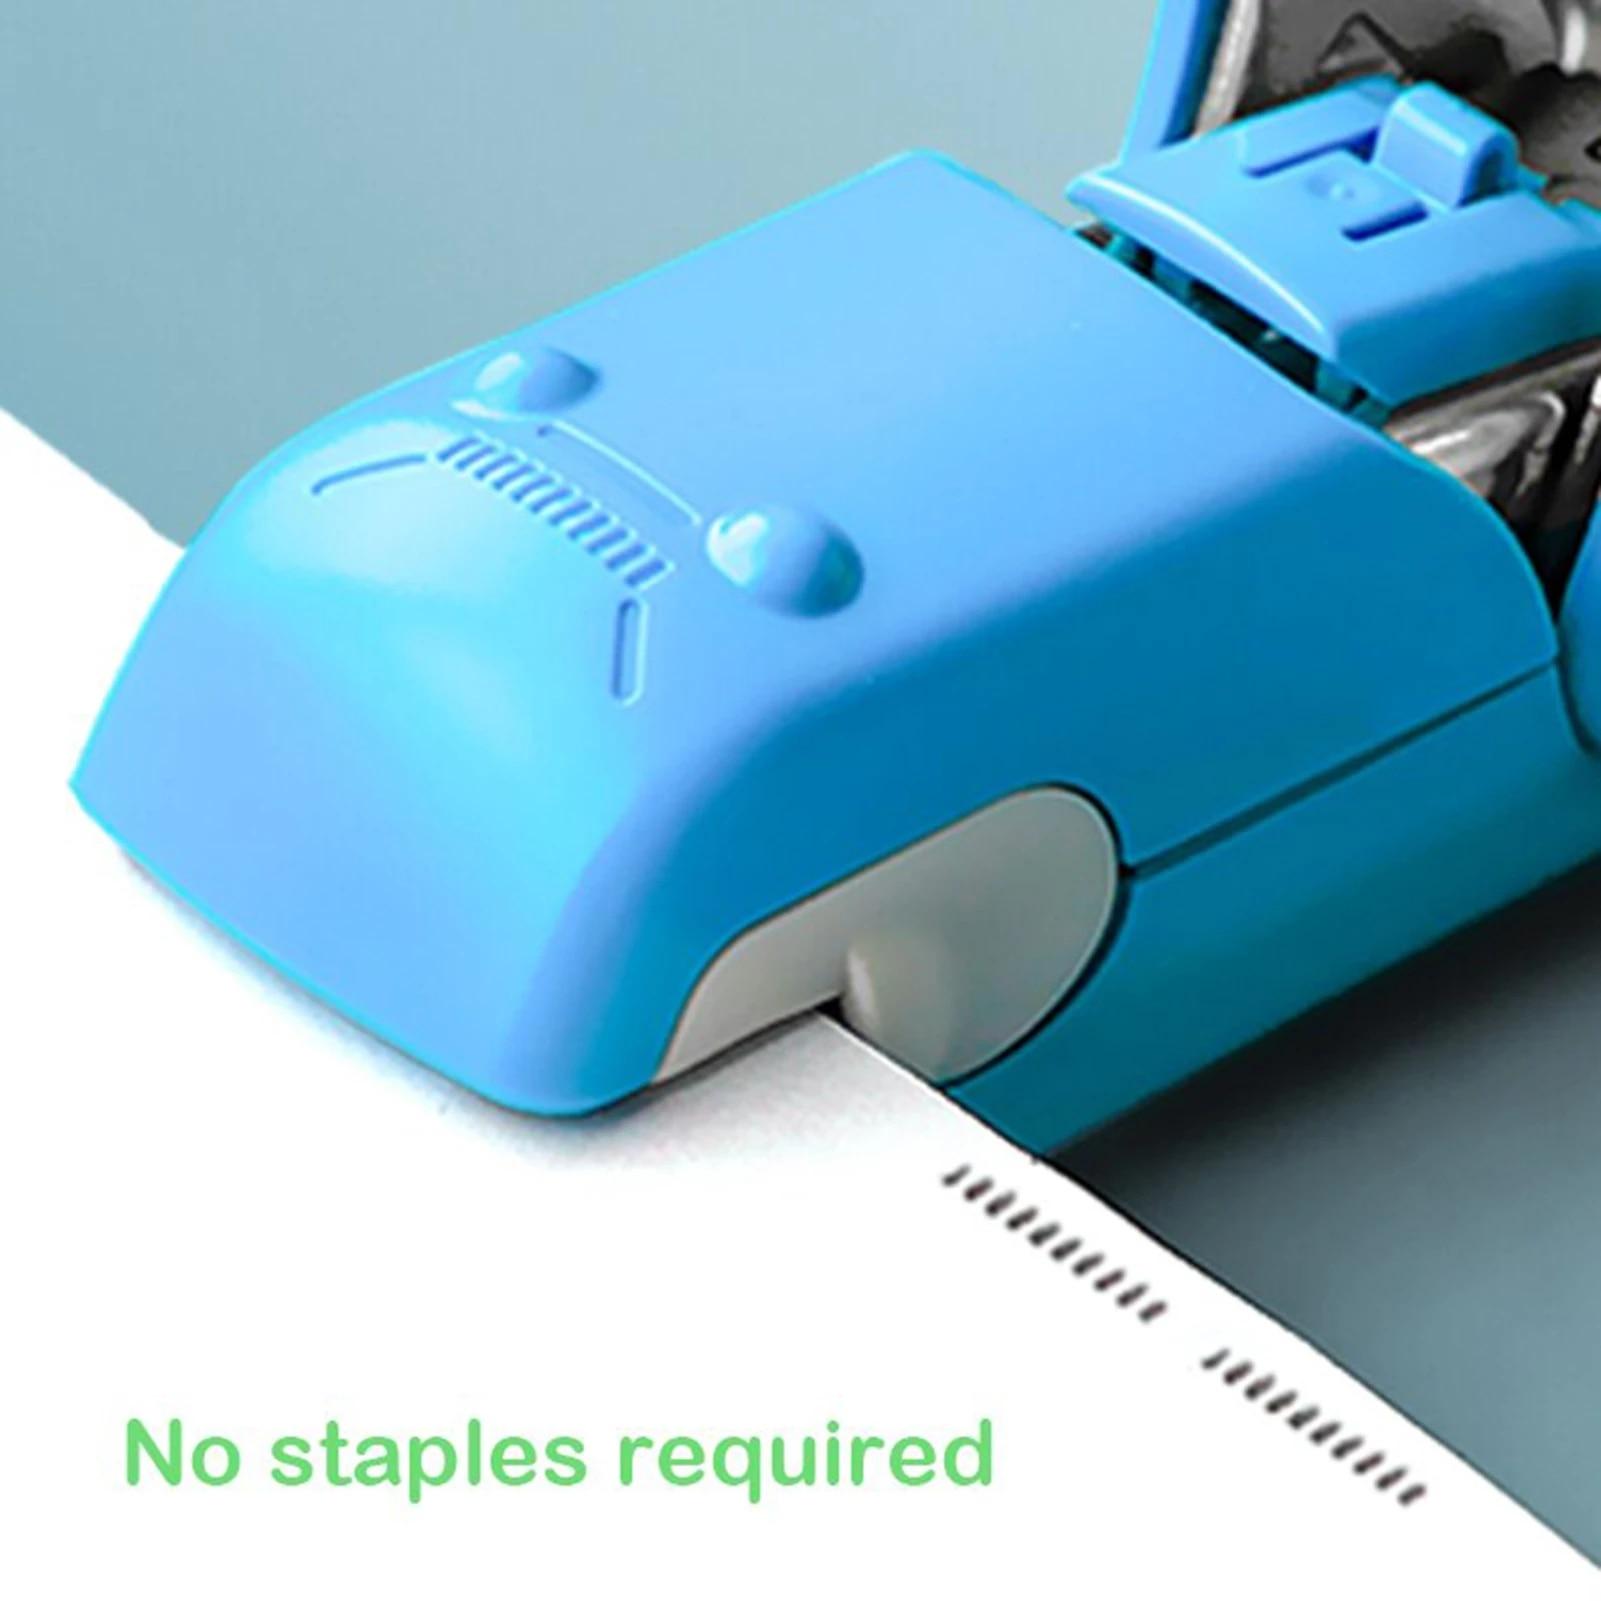 Новинка 2021, степлер, экономия времени, легкий степлер без иглы, портативный креативный безопасный студенческий канцелярский мини-степлер